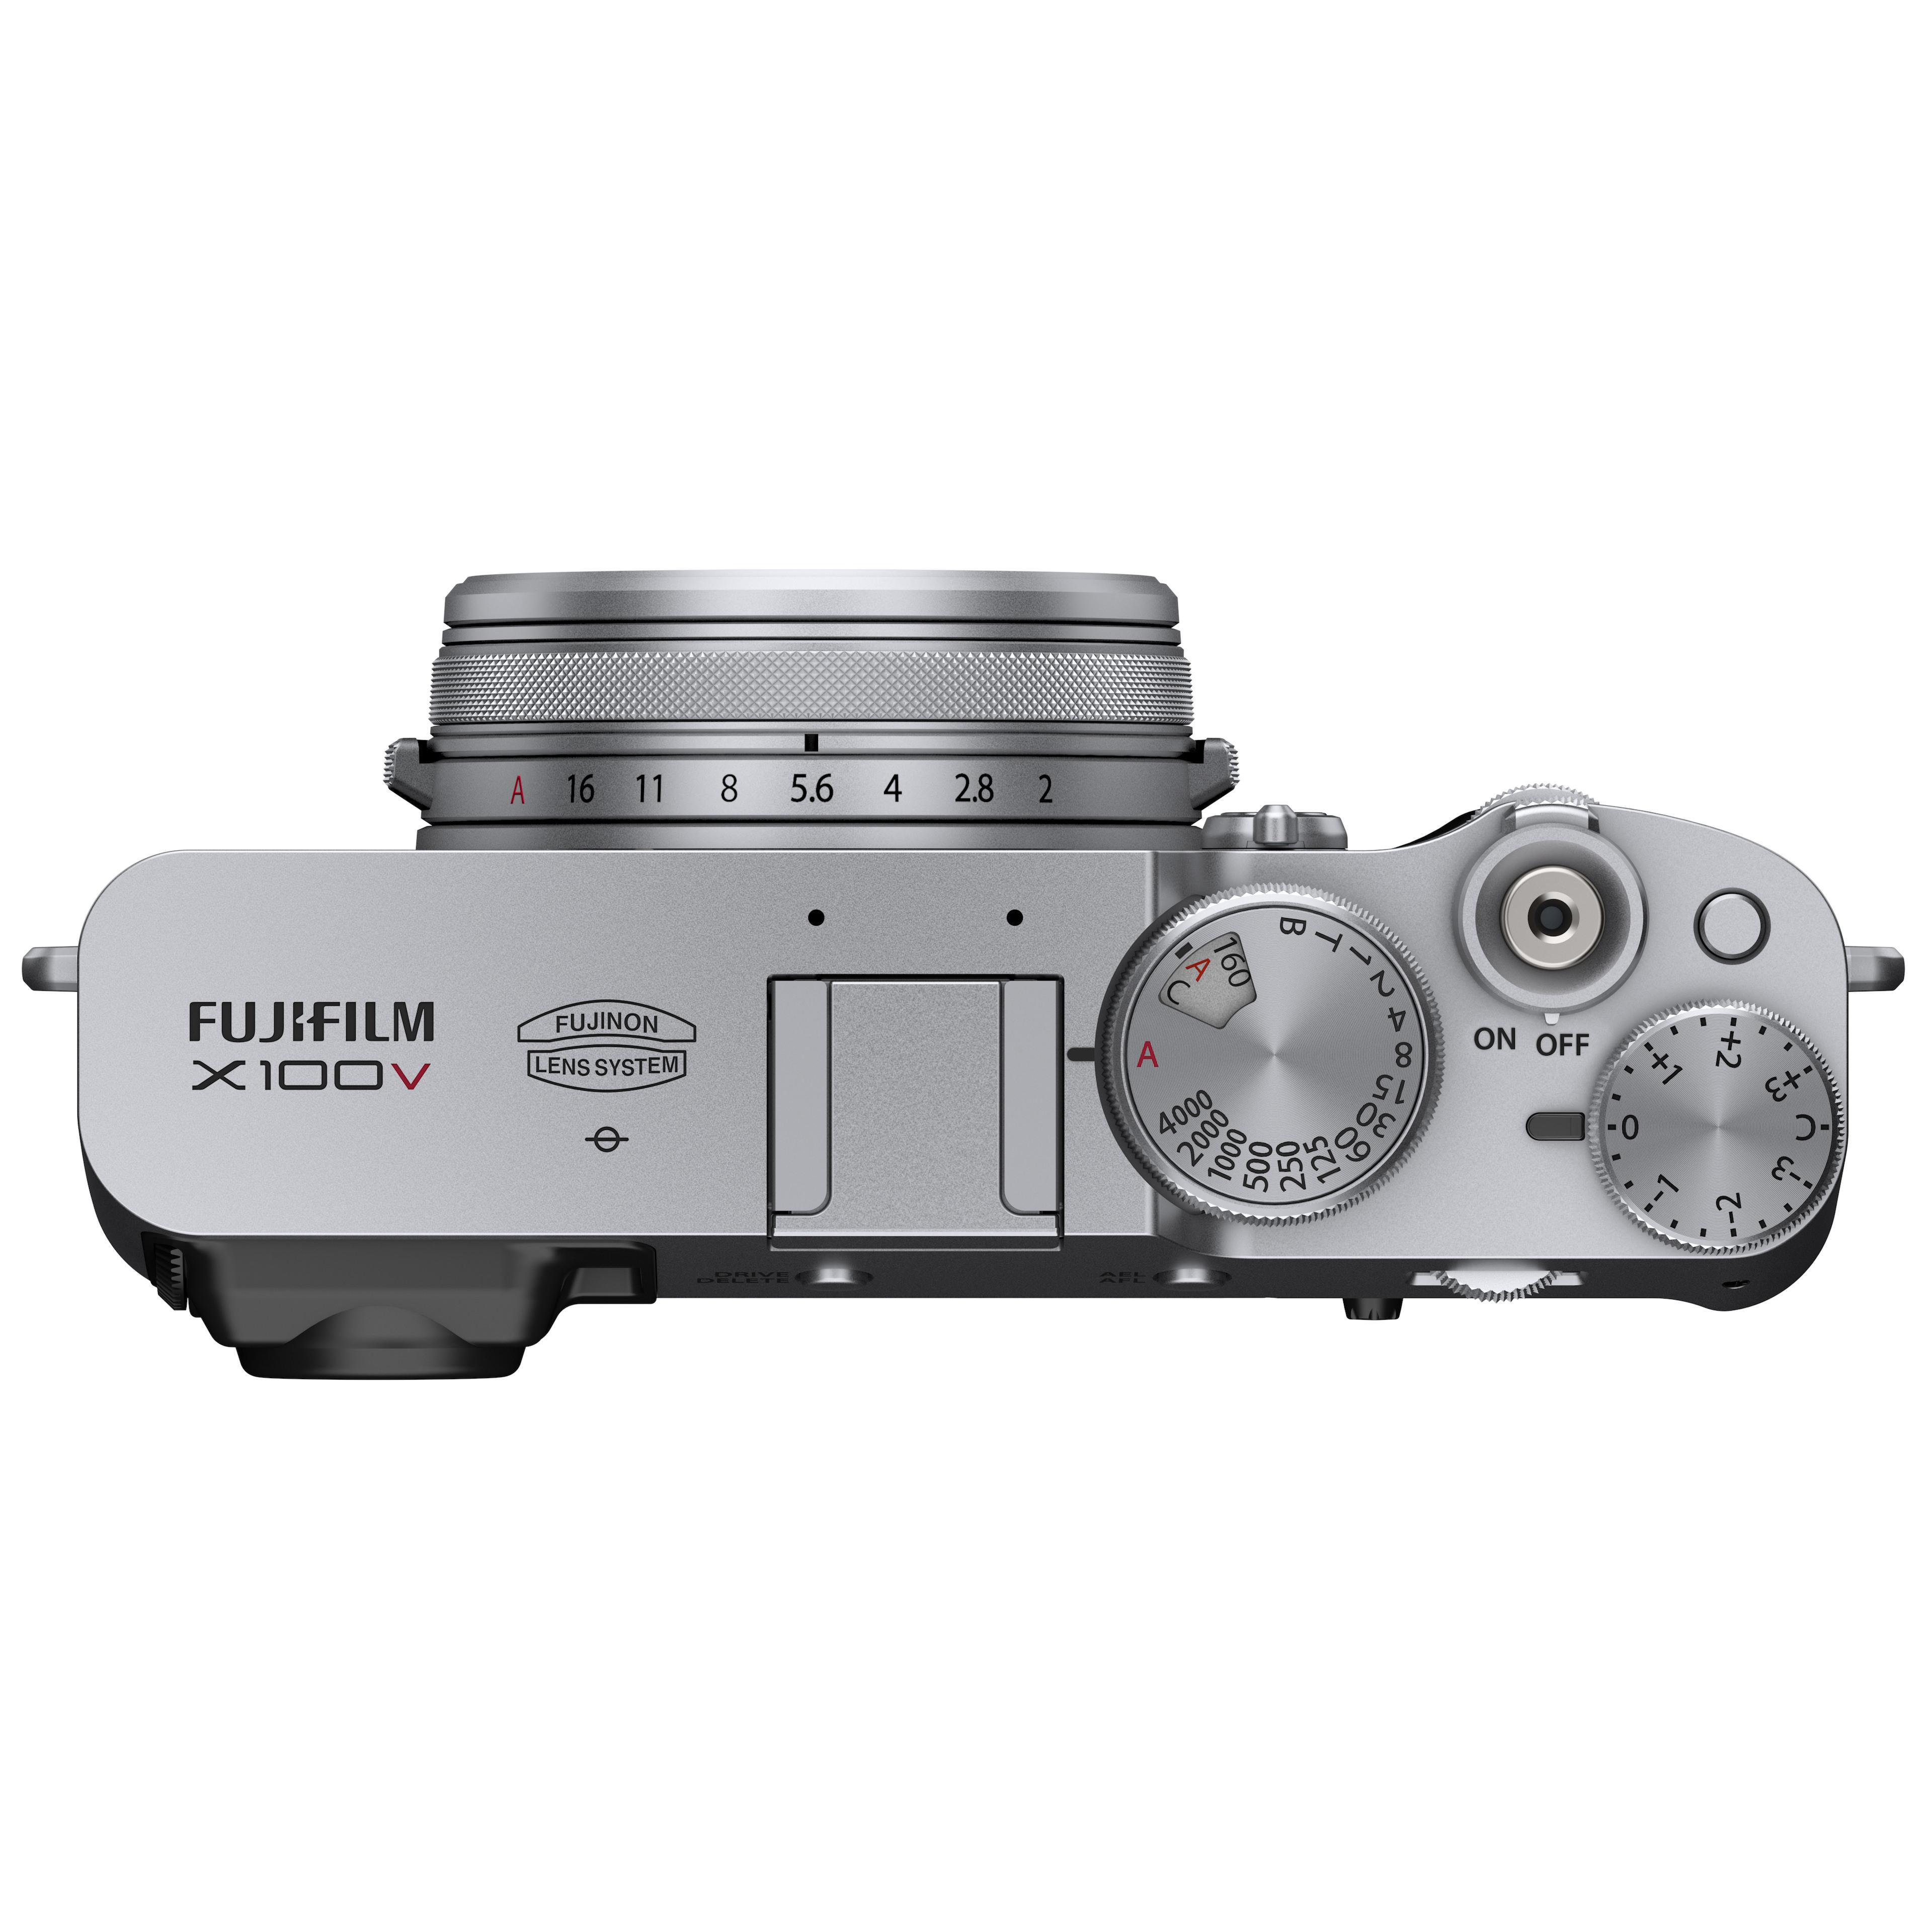 camerastuffreview-FUJIFILM_X100V